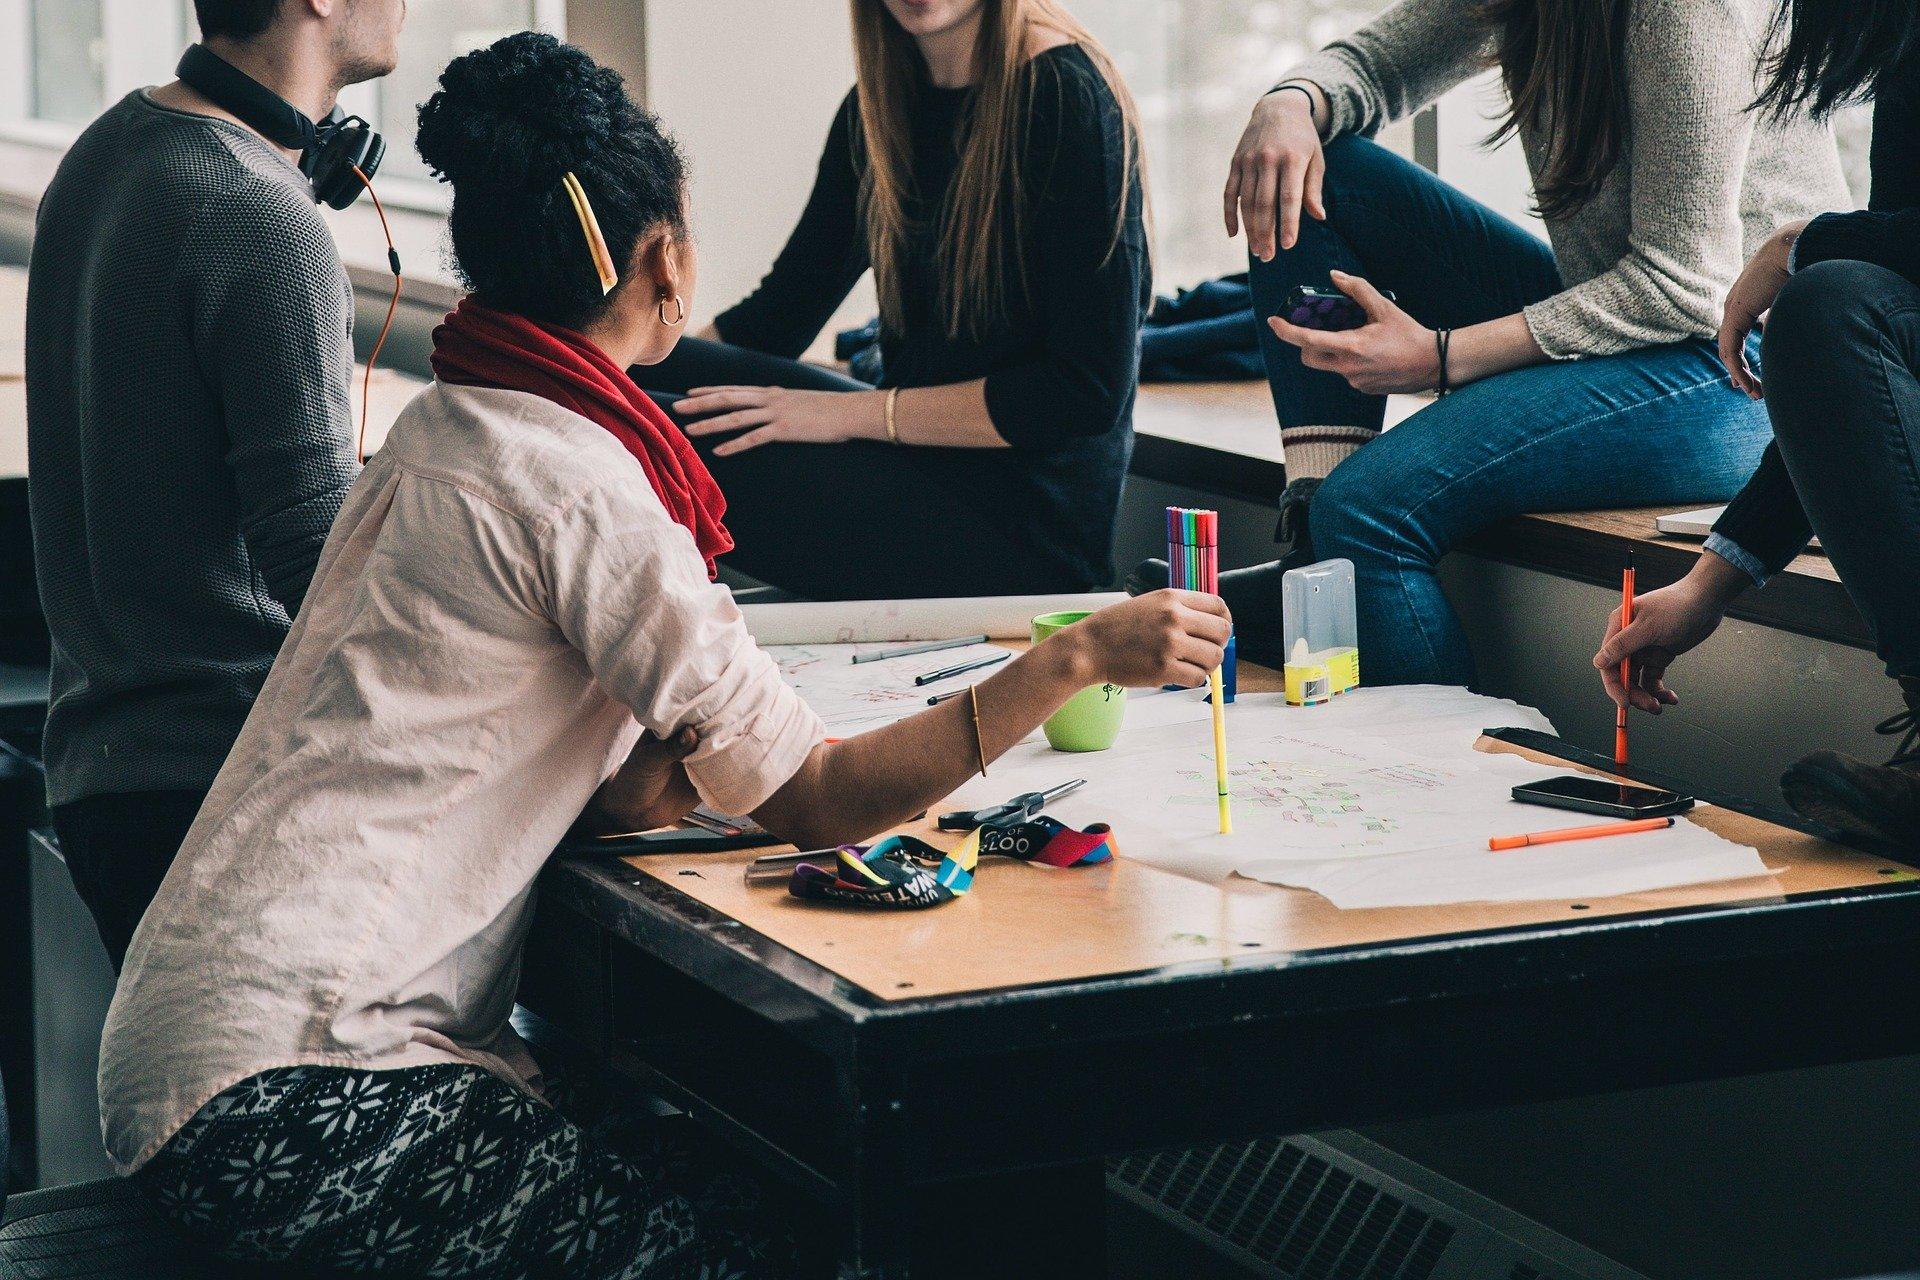 Dall'istituzione della Commissione Fulbright per gli scambi culturali fra l'Italia e gli Stati Uniti nel 1948, centinaia di cittadini italiani hanno fruito di borse per studiare, insegnare e svolgere soggiorni [...]